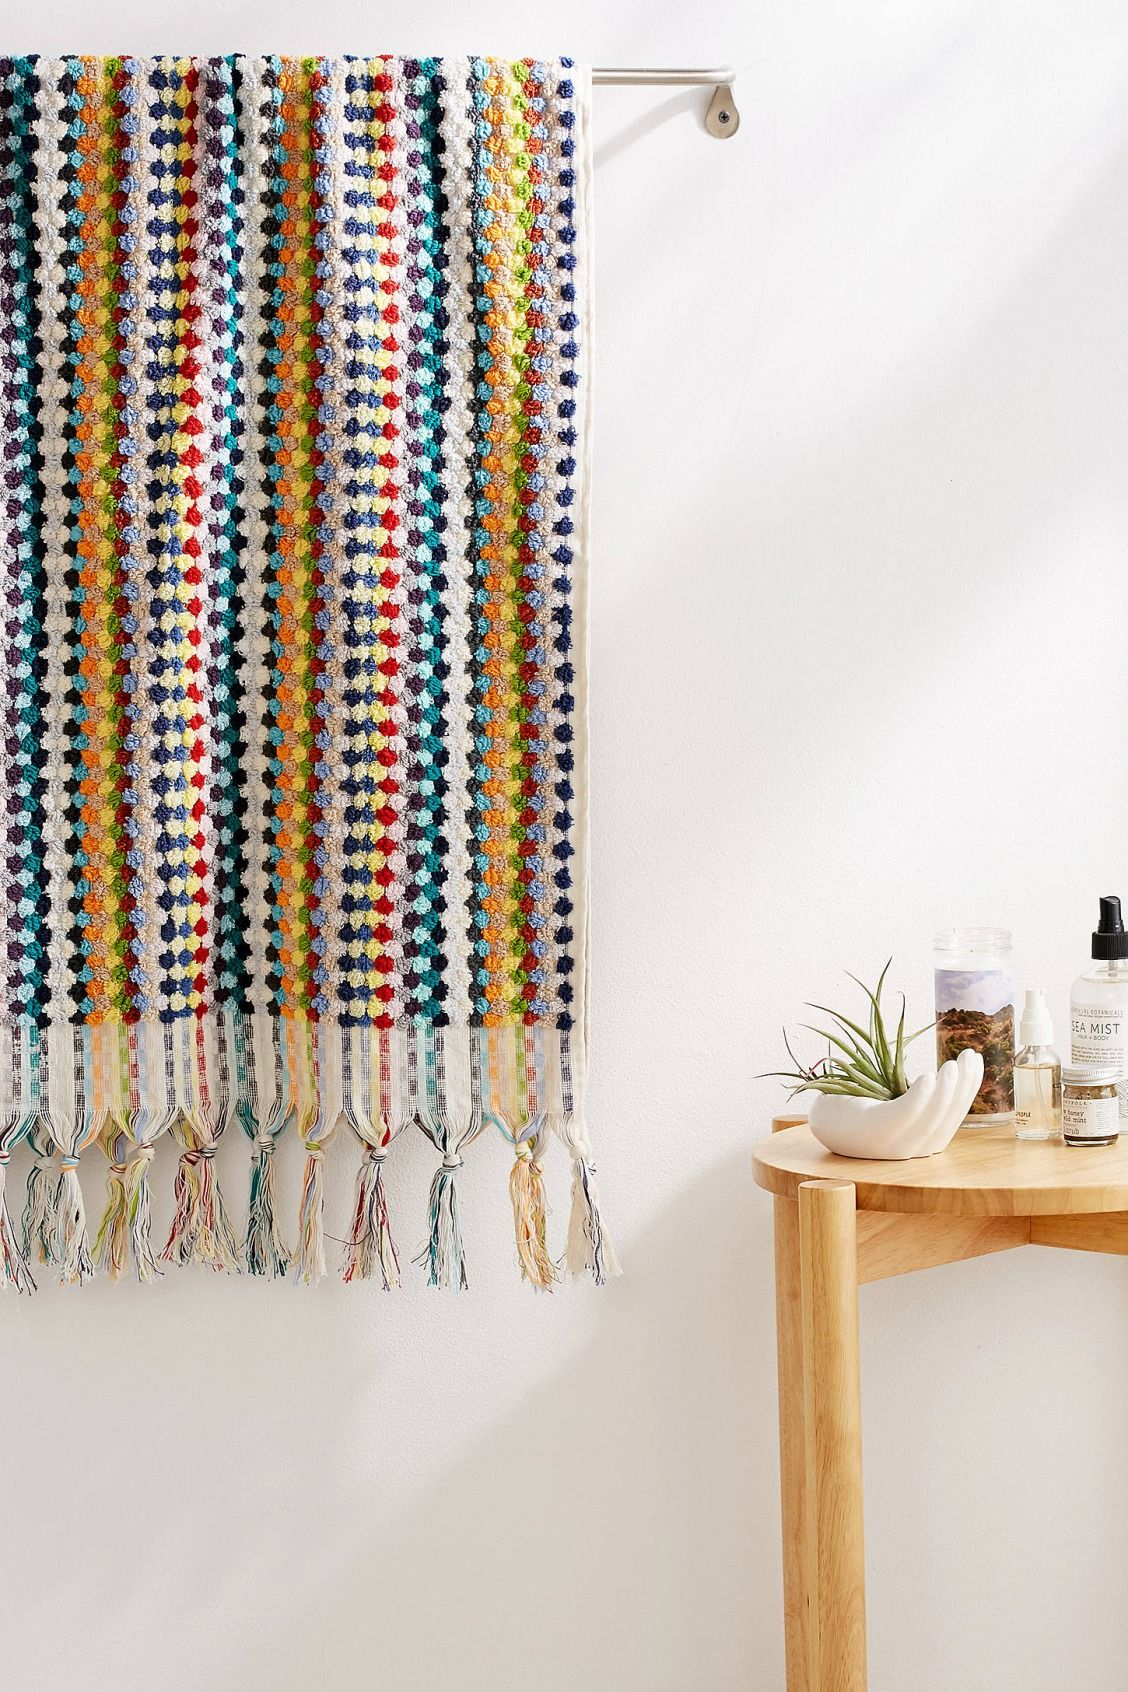 Accessoires Salle De Bain Turquie ~ mayde rainbow turkish towel t e x t i l e s pinterest